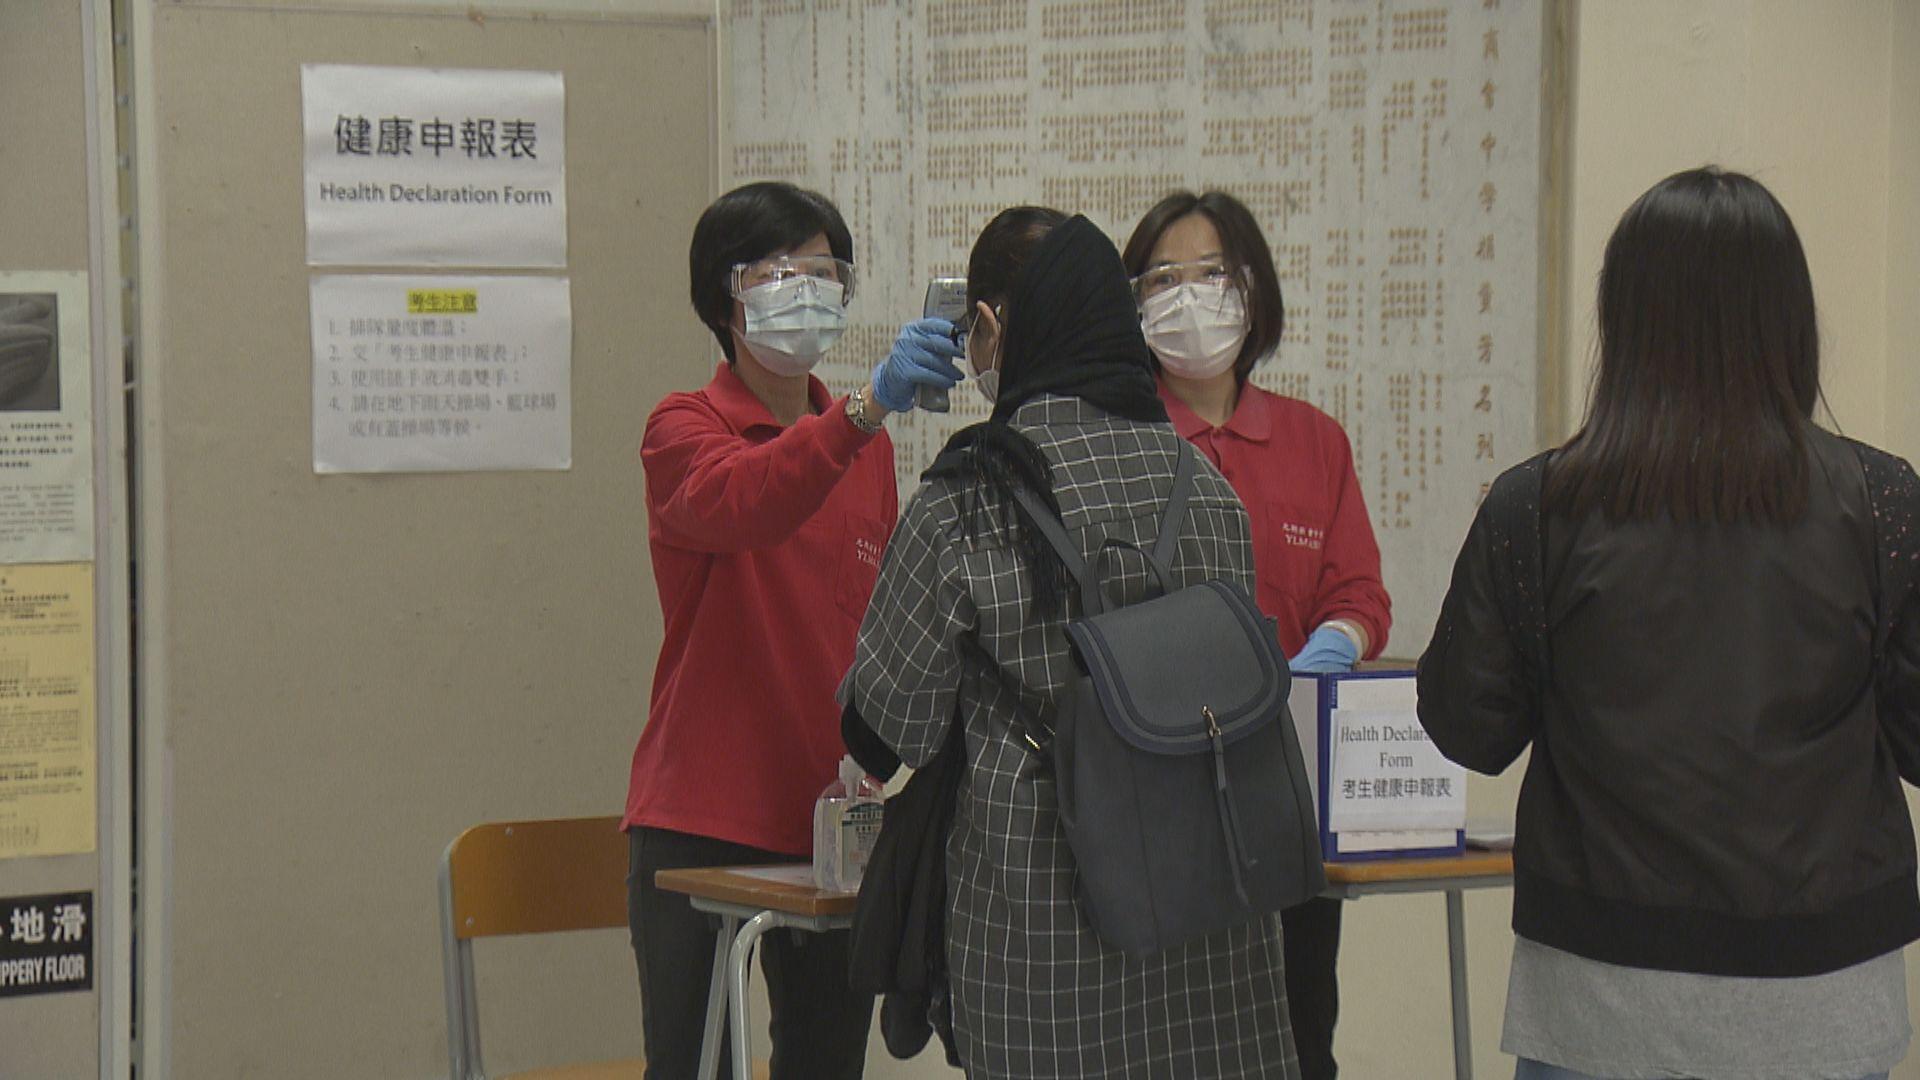 考評局公布明年文憑試考生手冊 防疫措施將維持